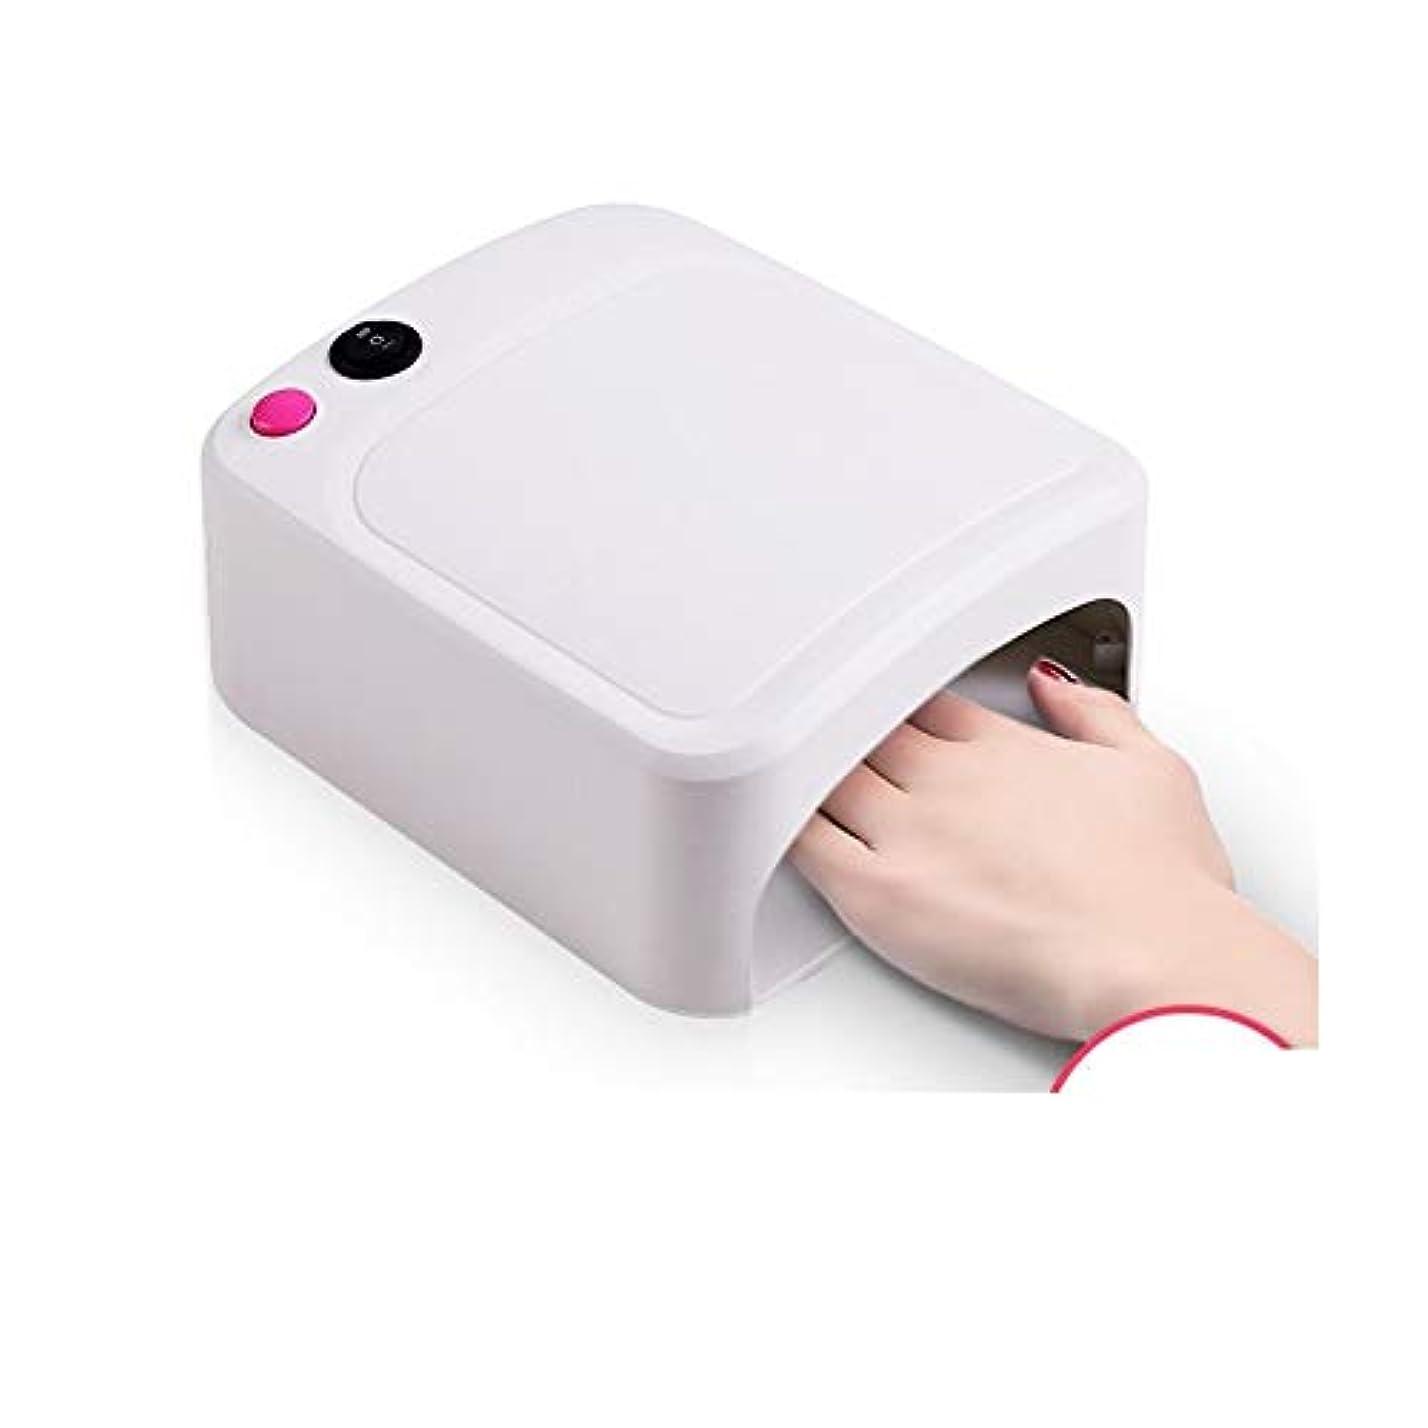 悪行週末酸度LittleCat 米国の規制110VフラットプラグネイルUVランプ36WライトセラピーマシンネイルネイルドライヤーUVランプヒートランプ (色 : White)